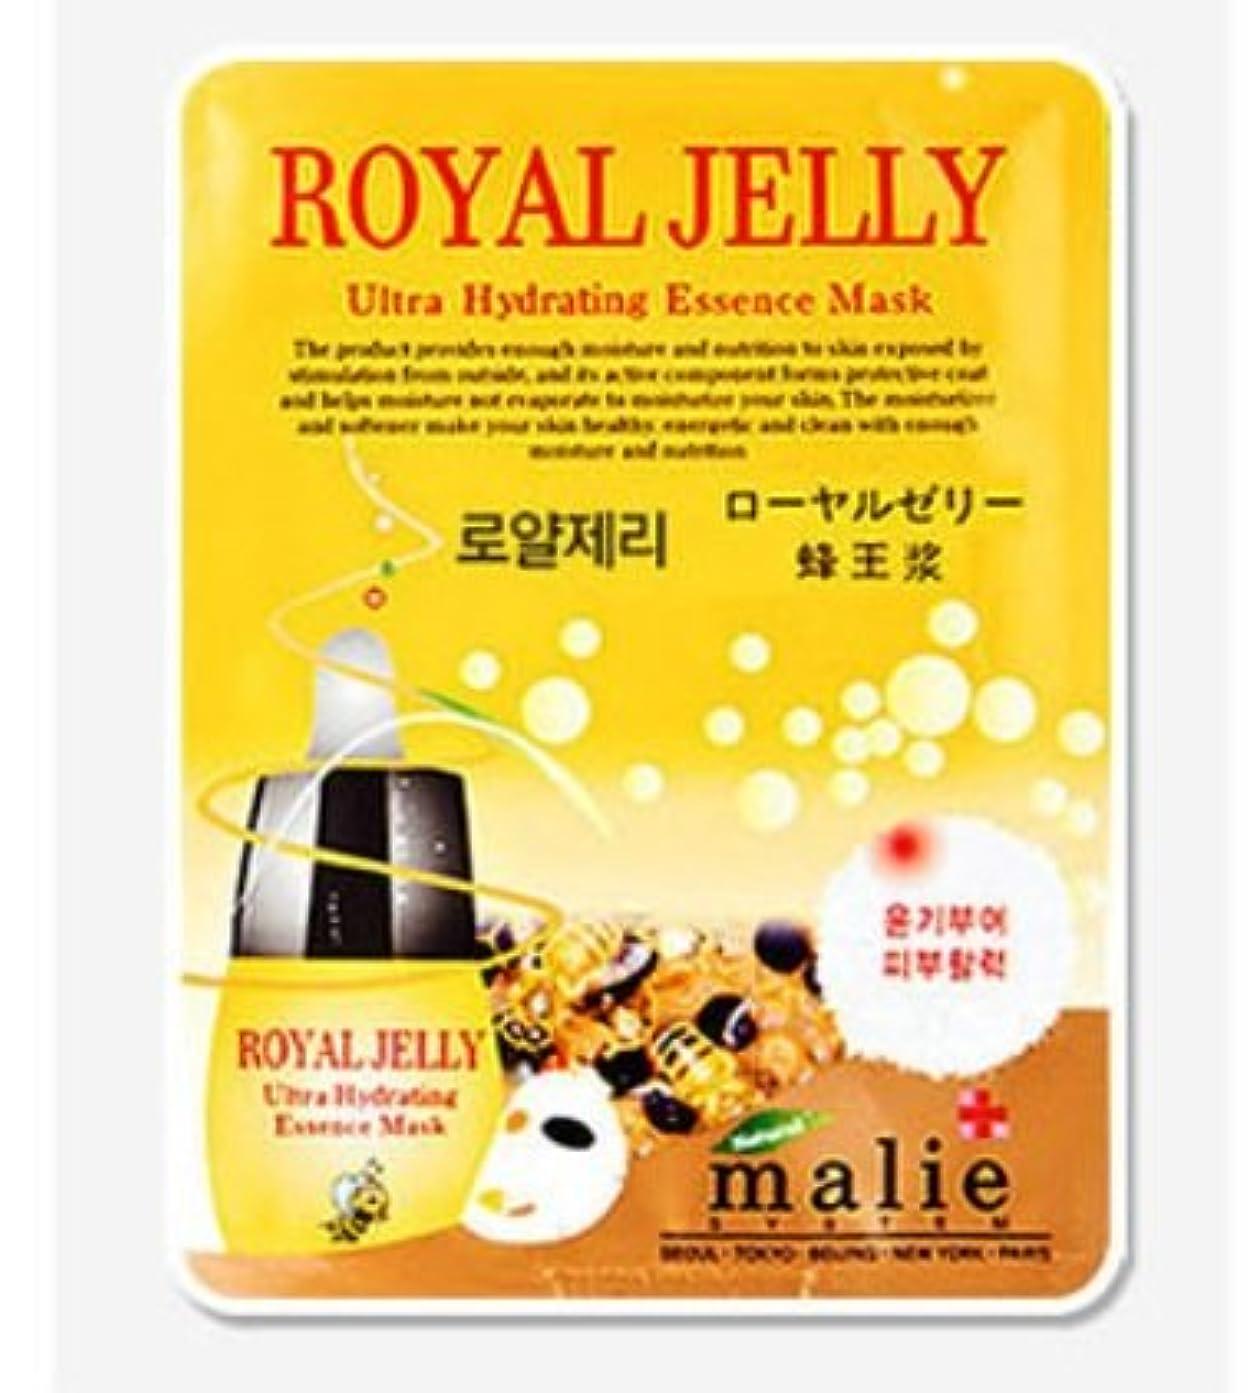 クラッシュエリート磁石[MALIE] まりえローヤルゼリーウルトラ?ハイドレーティング?エッセンスマスク25gX10枚 / Malie Royal Jelly Ultra Hydrating Essence Mask [並行輸入品]